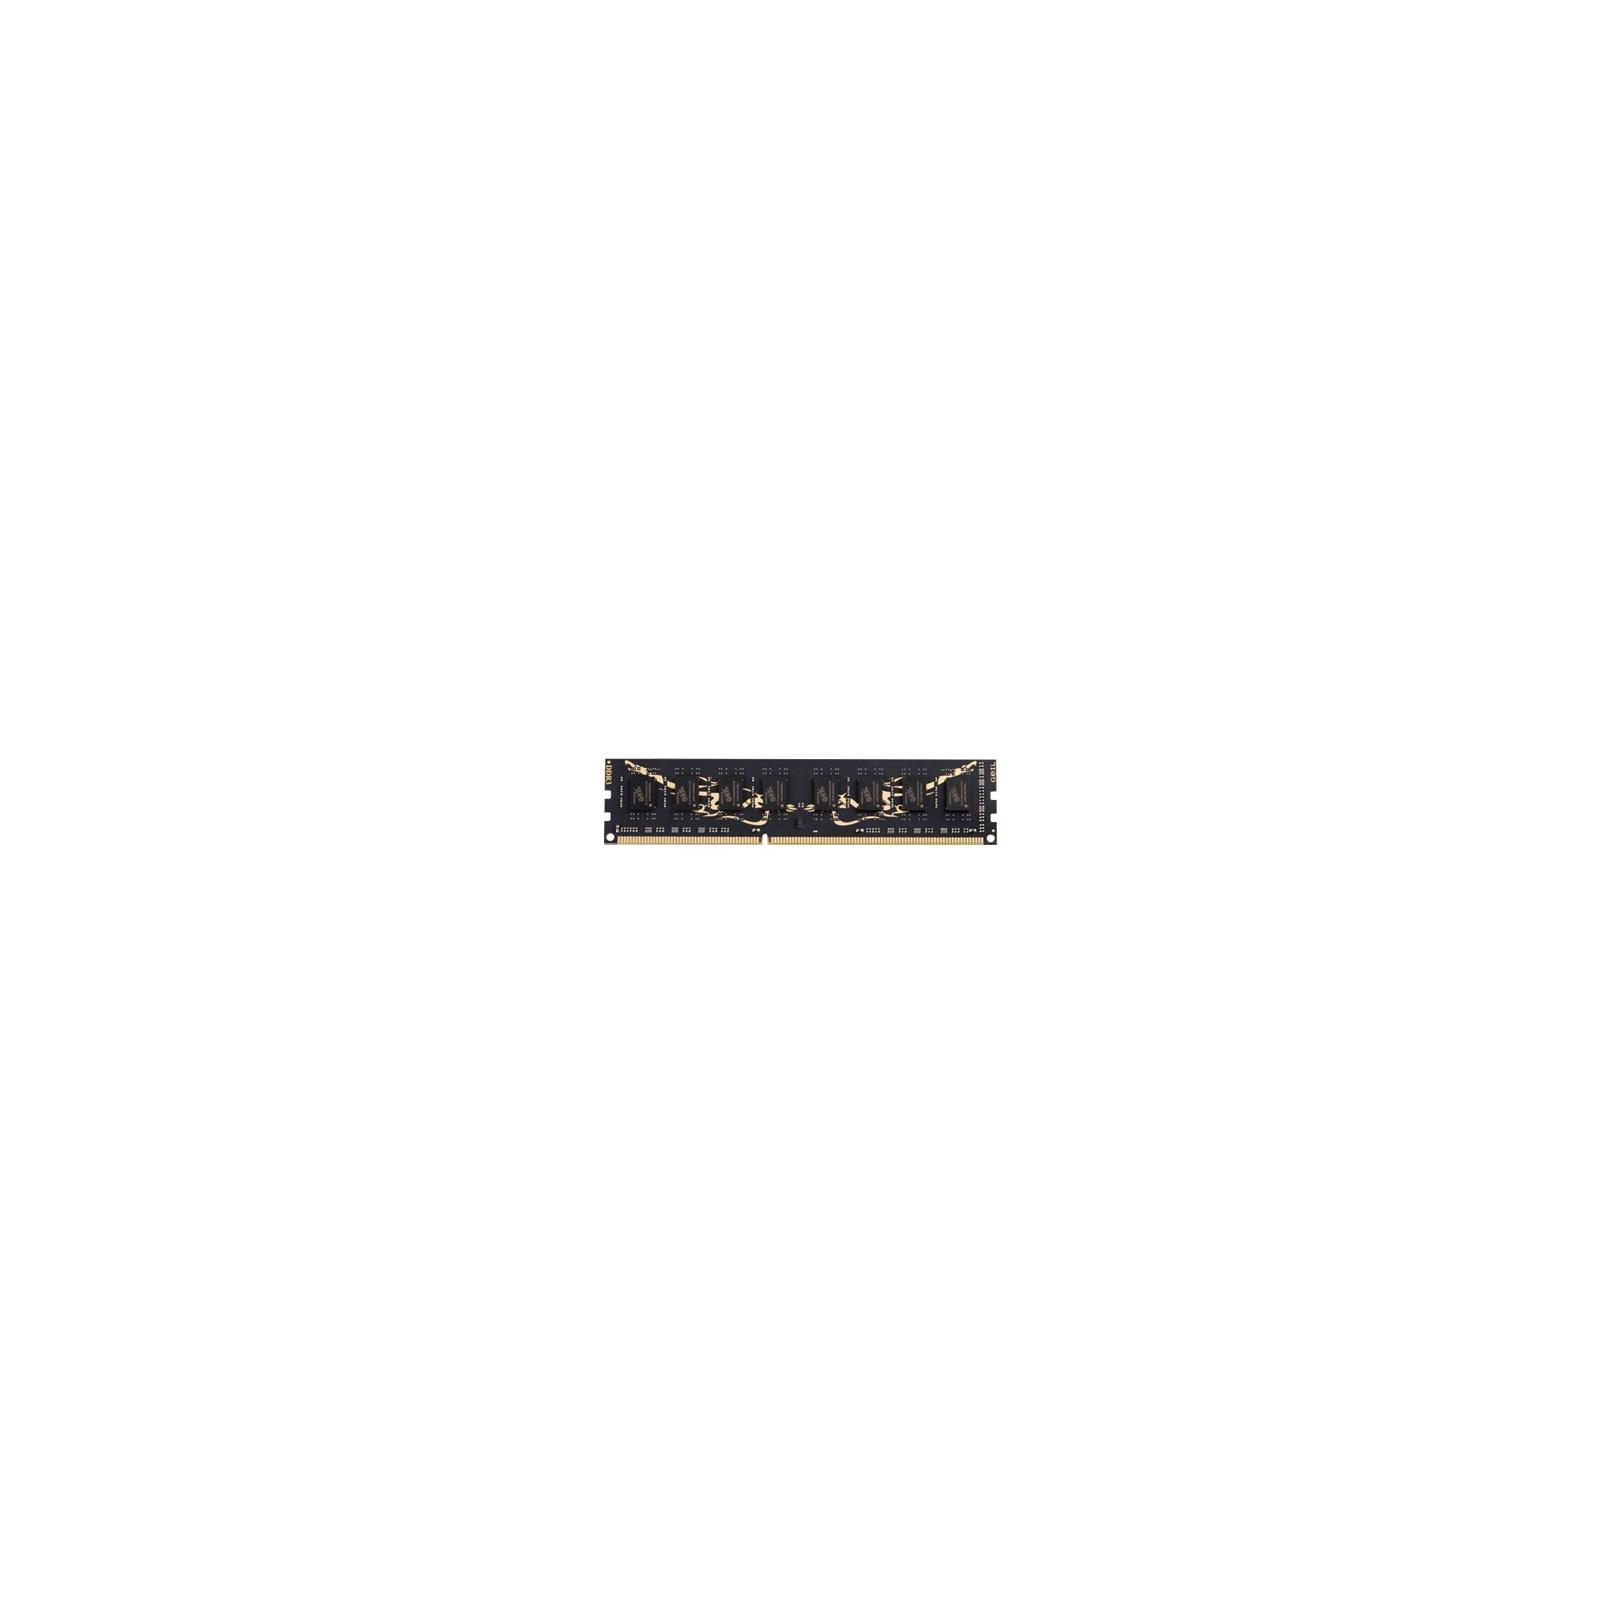 Модуль памяти для компьютера DDR3 8GB 1600 MHz GEIL (GD38GB1600C11SC)